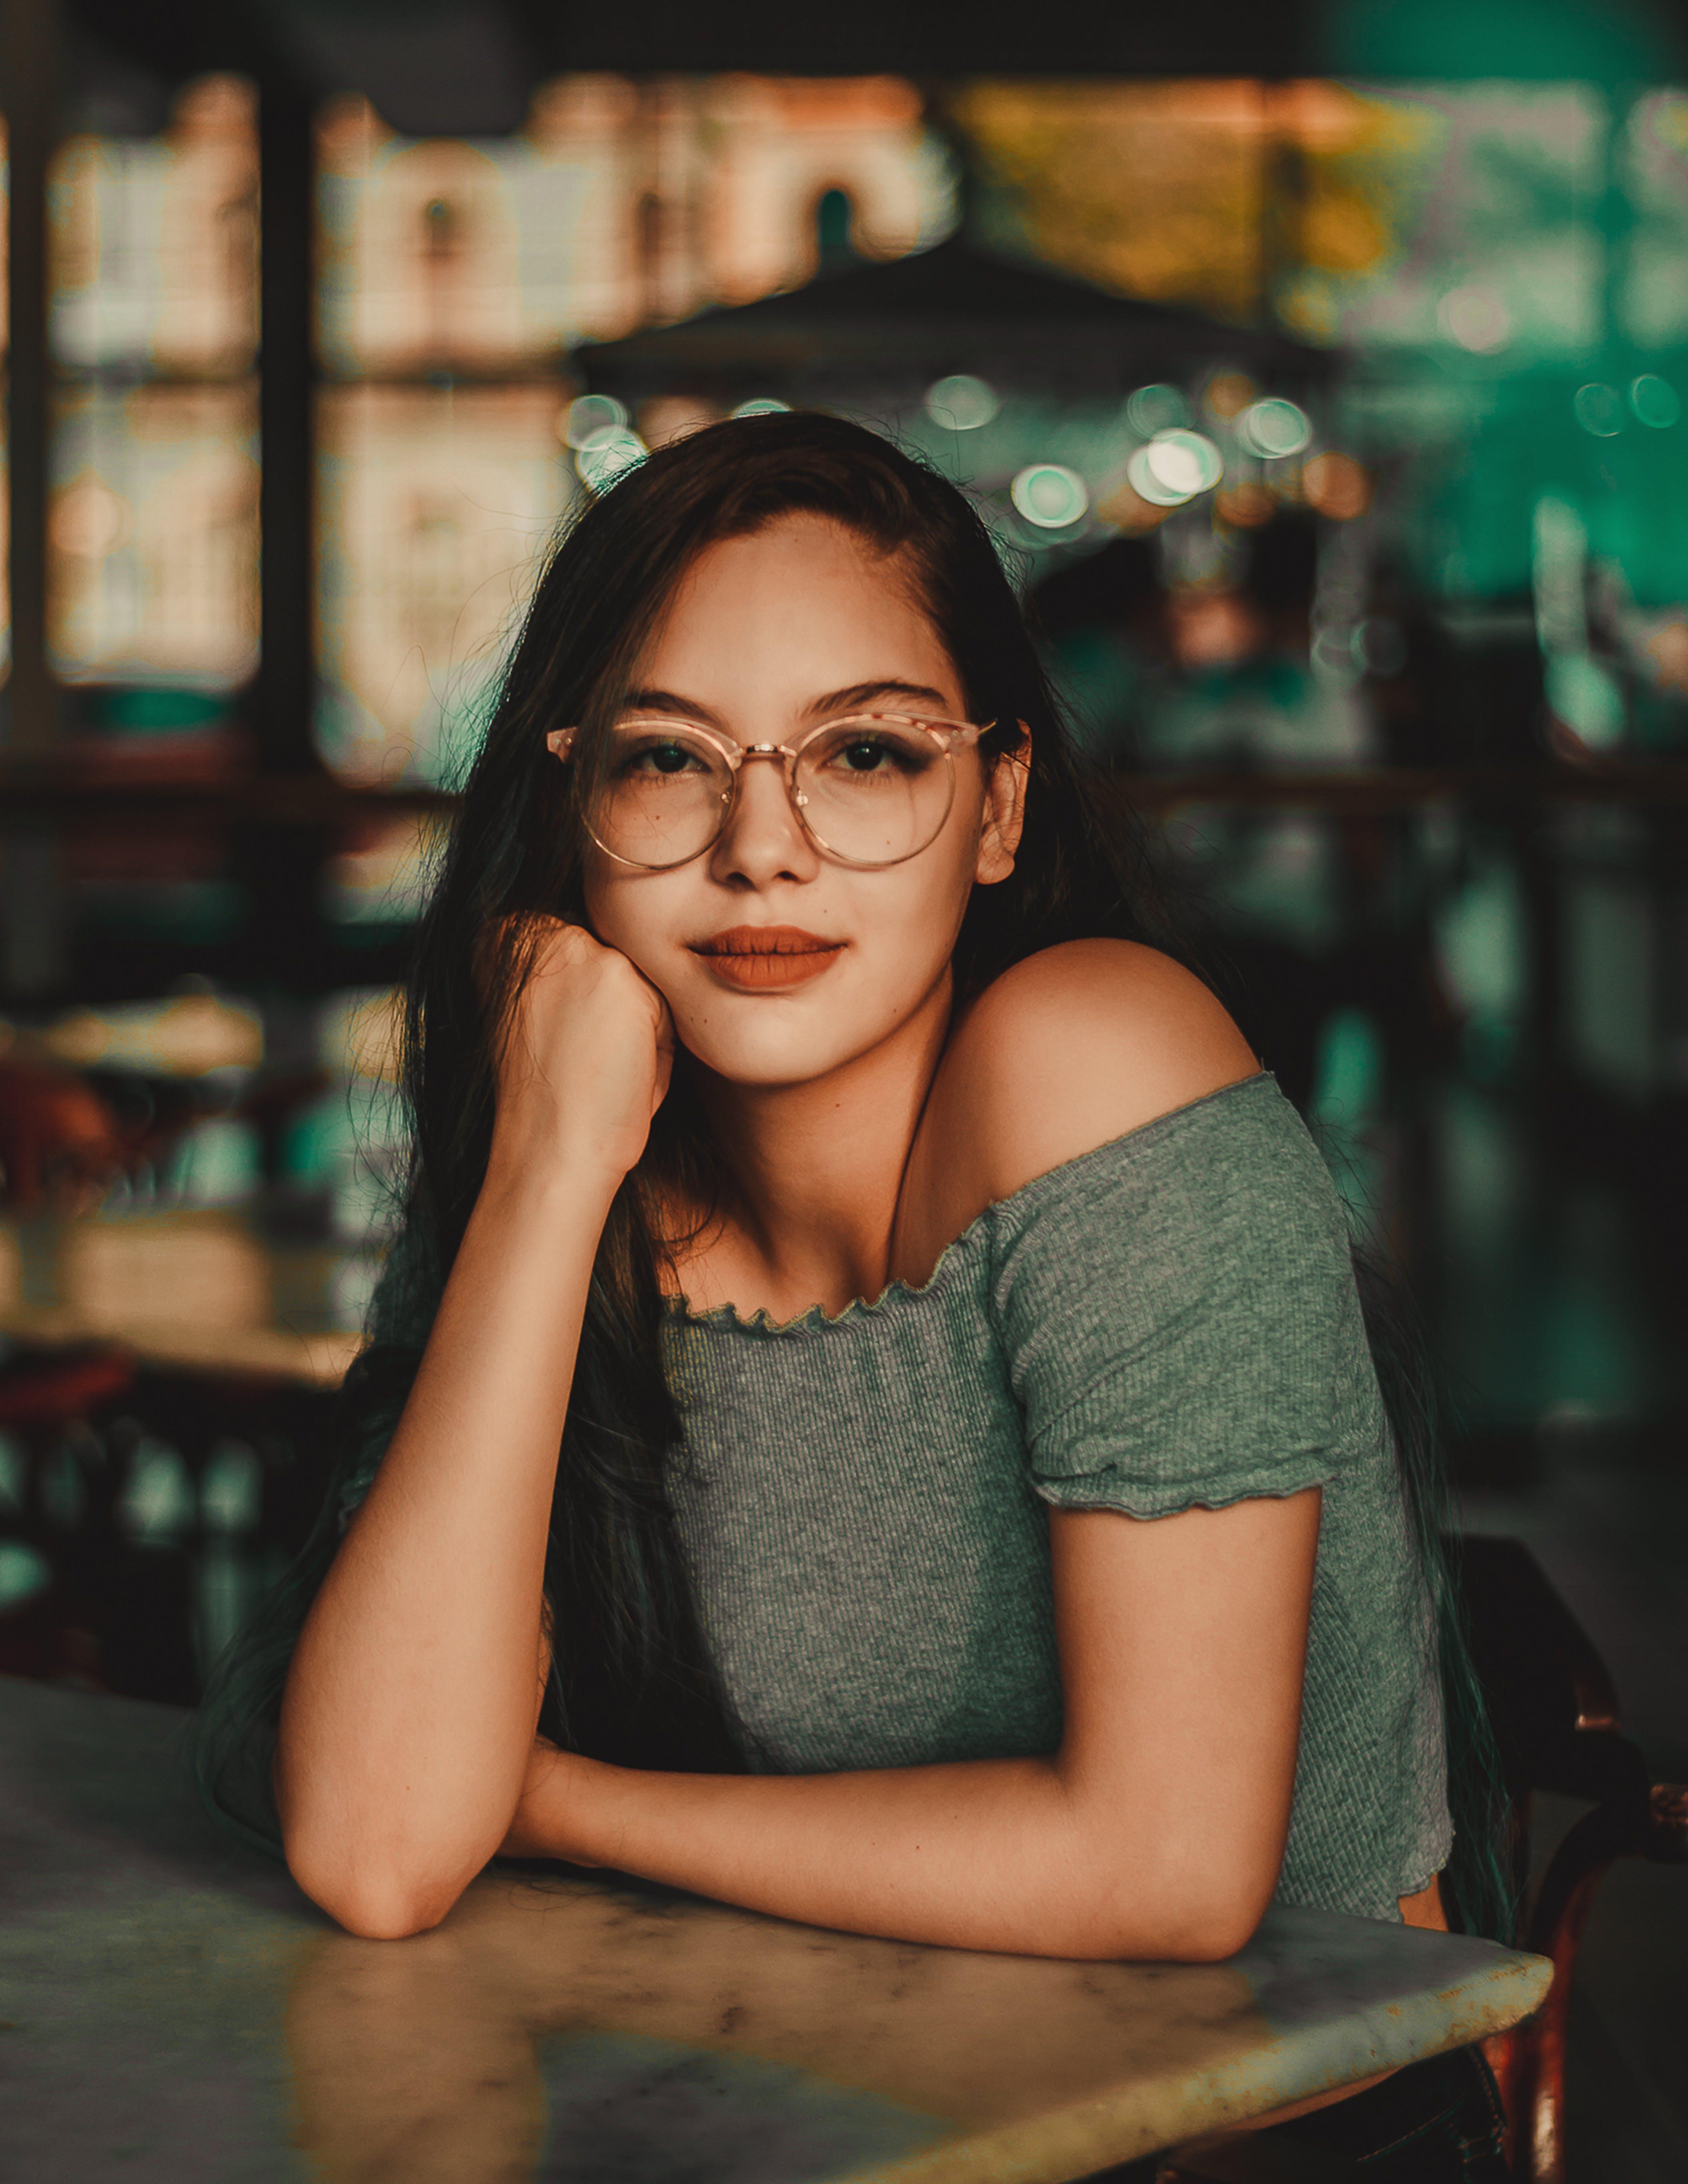 Woman Wearing Eyeglasses Sitting Beside Table